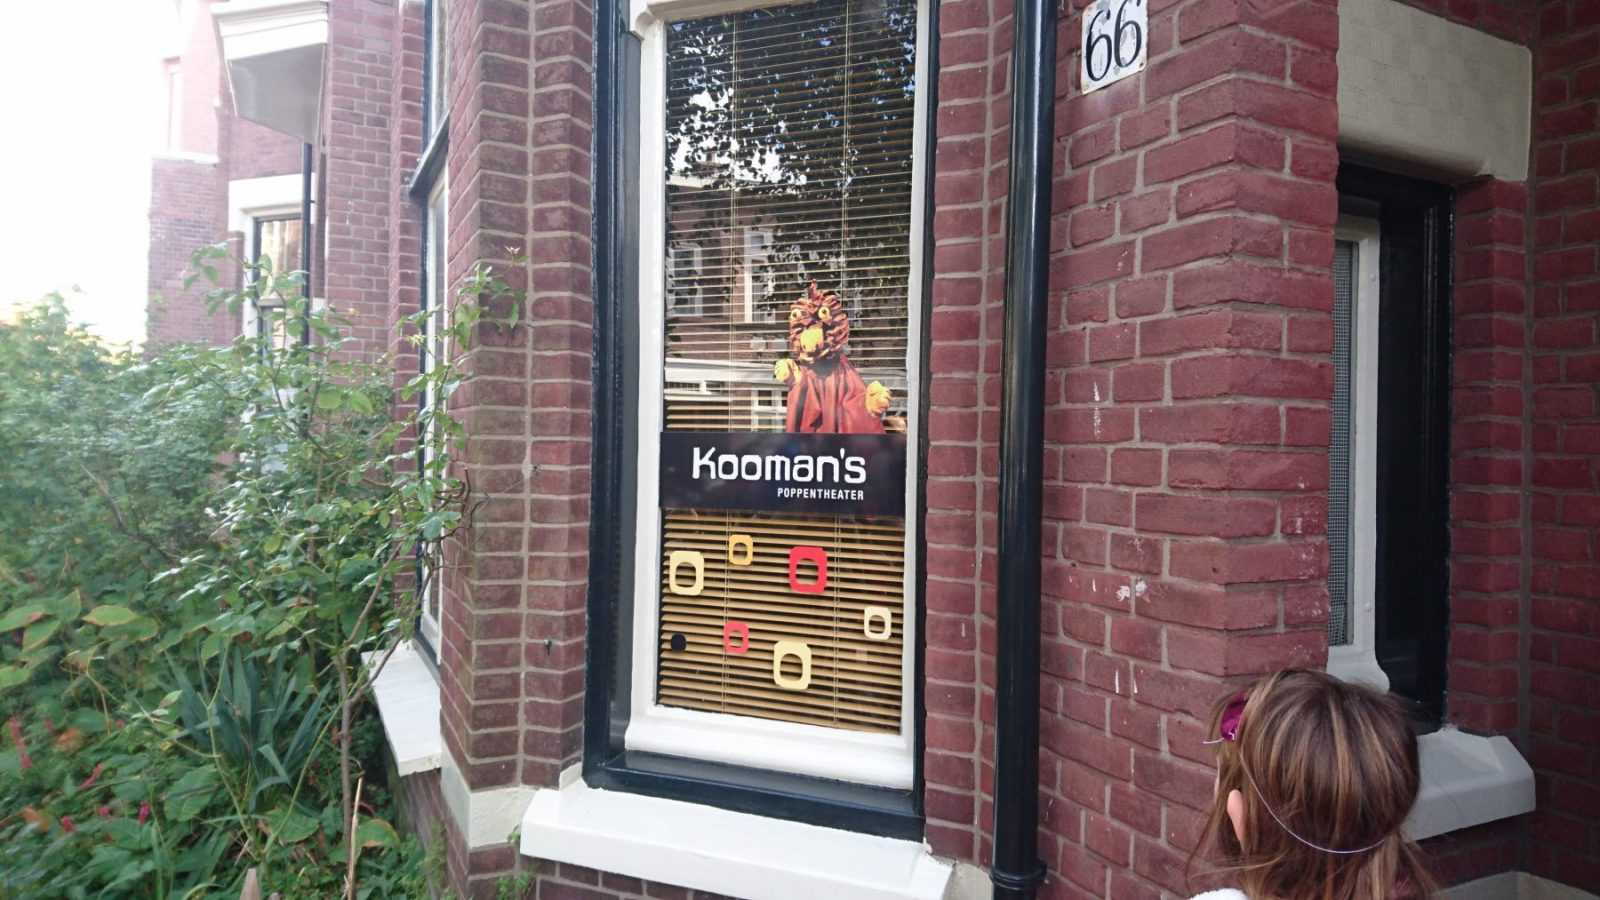 Kooman's